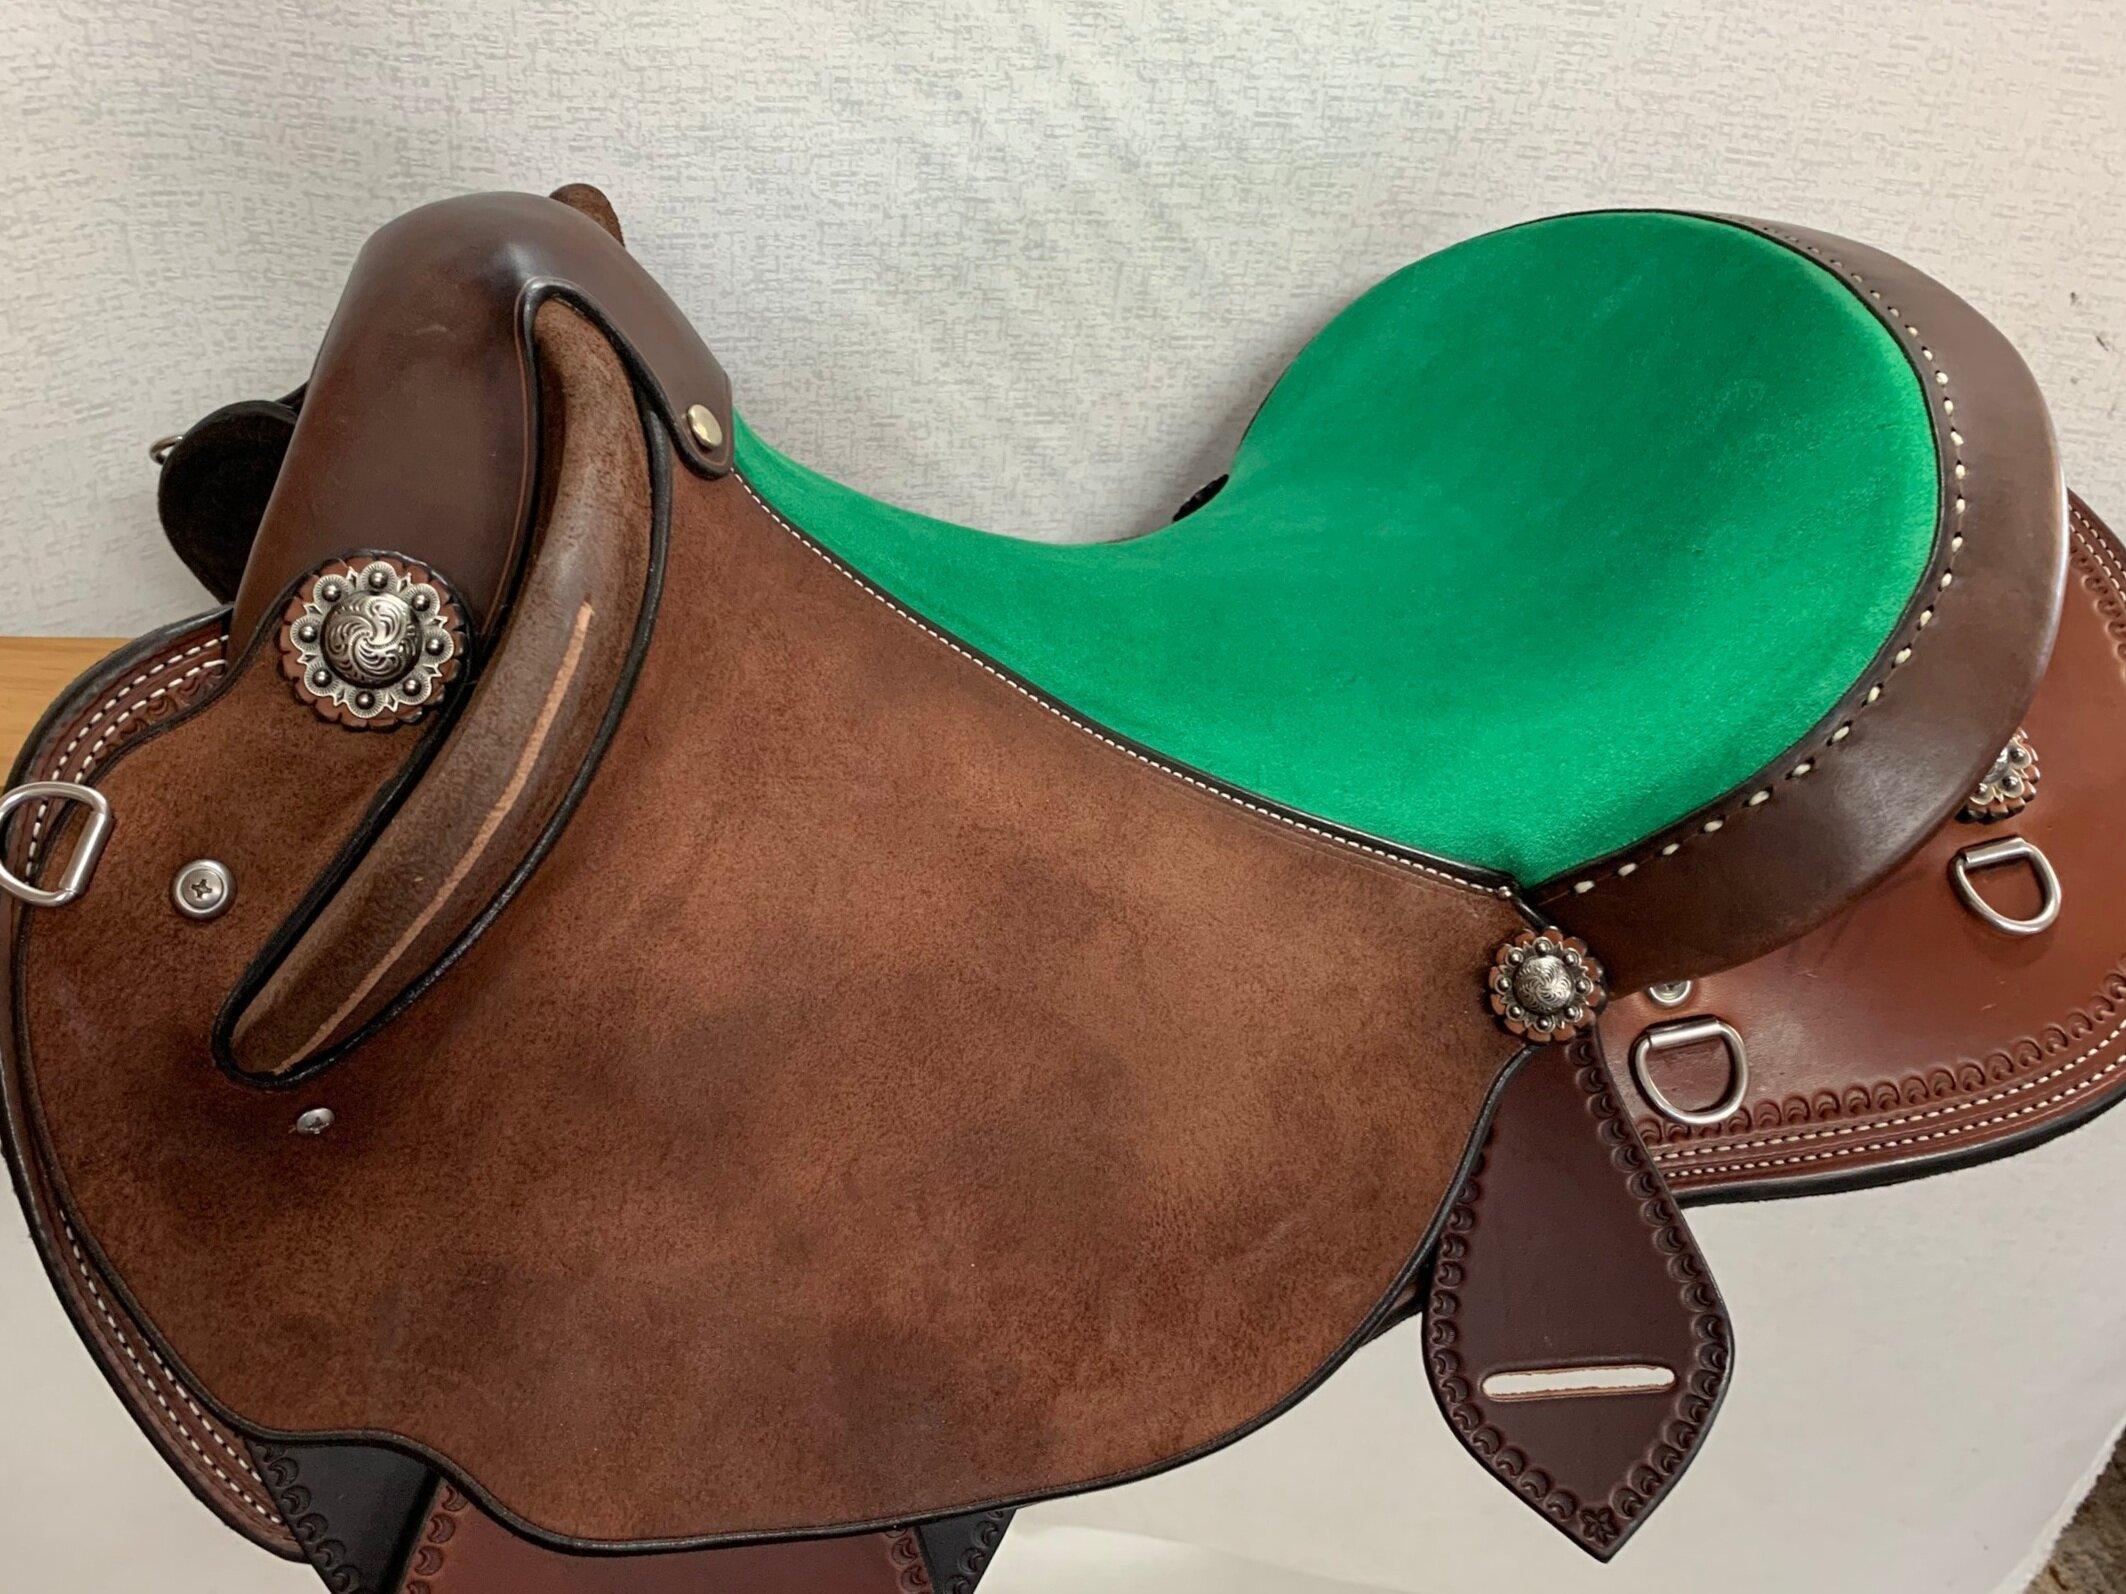 Green seat saddle 006.JPG